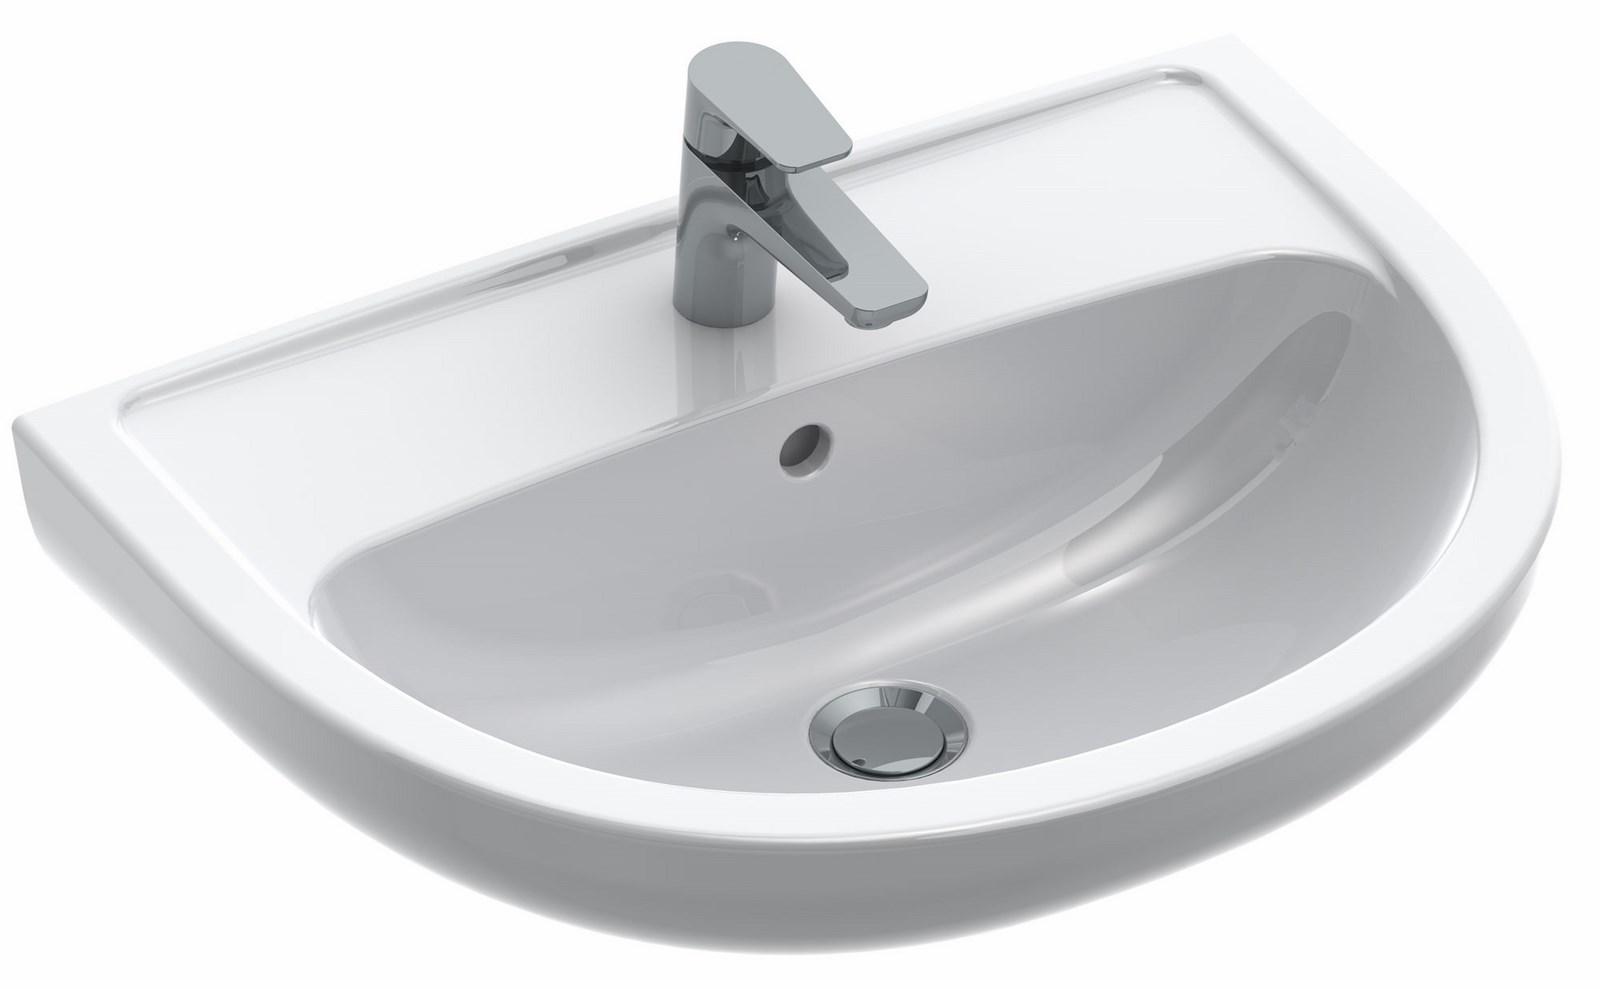 lavabo volta plus dimensions 60 x 45 5 x 18 5 cm couleur blanc r f 7g116001 batipass. Black Bedroom Furniture Sets. Home Design Ideas